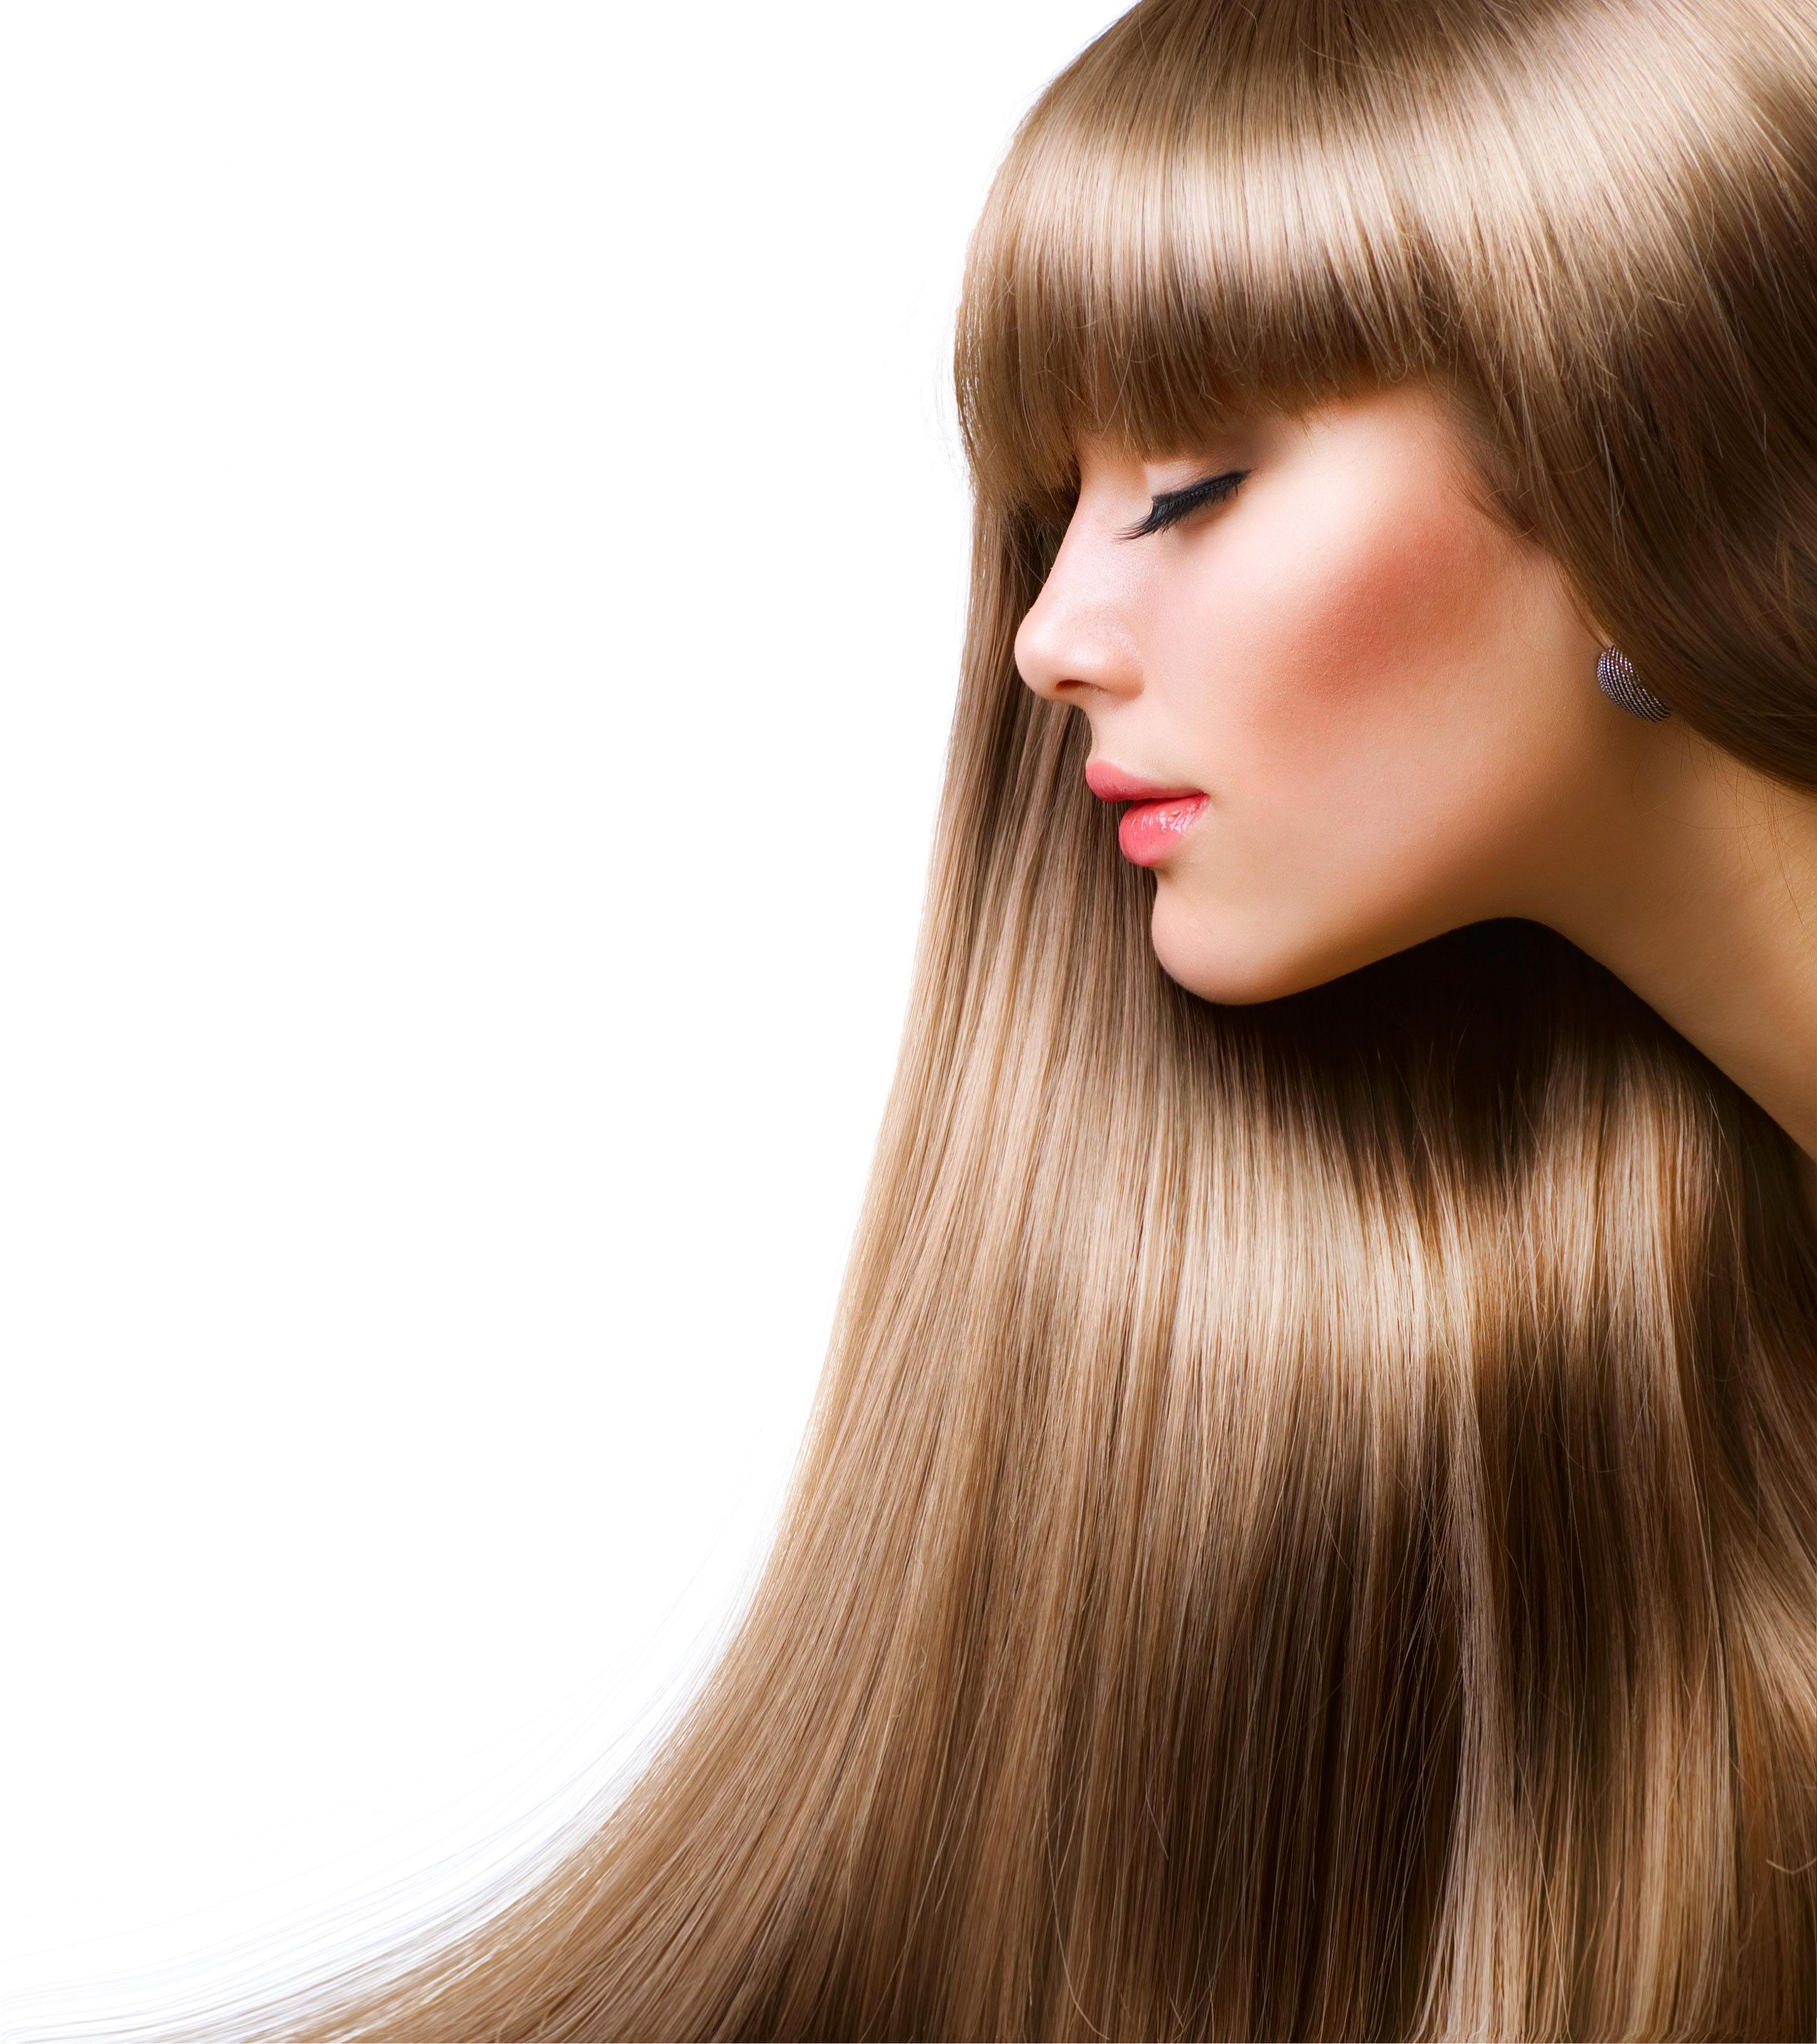 Botox per capelli: da L'Oreal un nuovo prodotto | Scuola di Stile ...